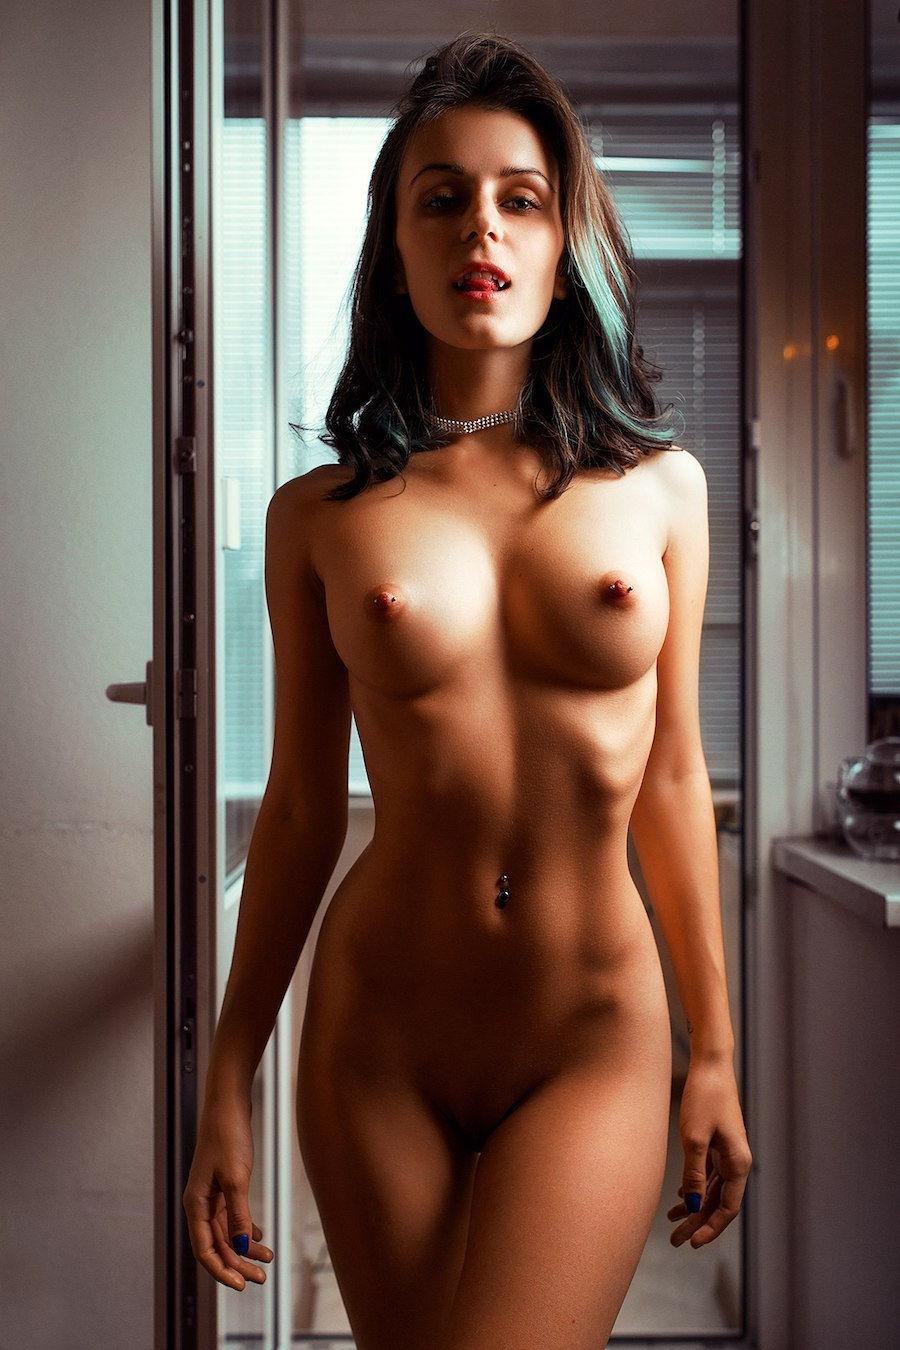 Nudist Girlfriend Perfect Naked Ass